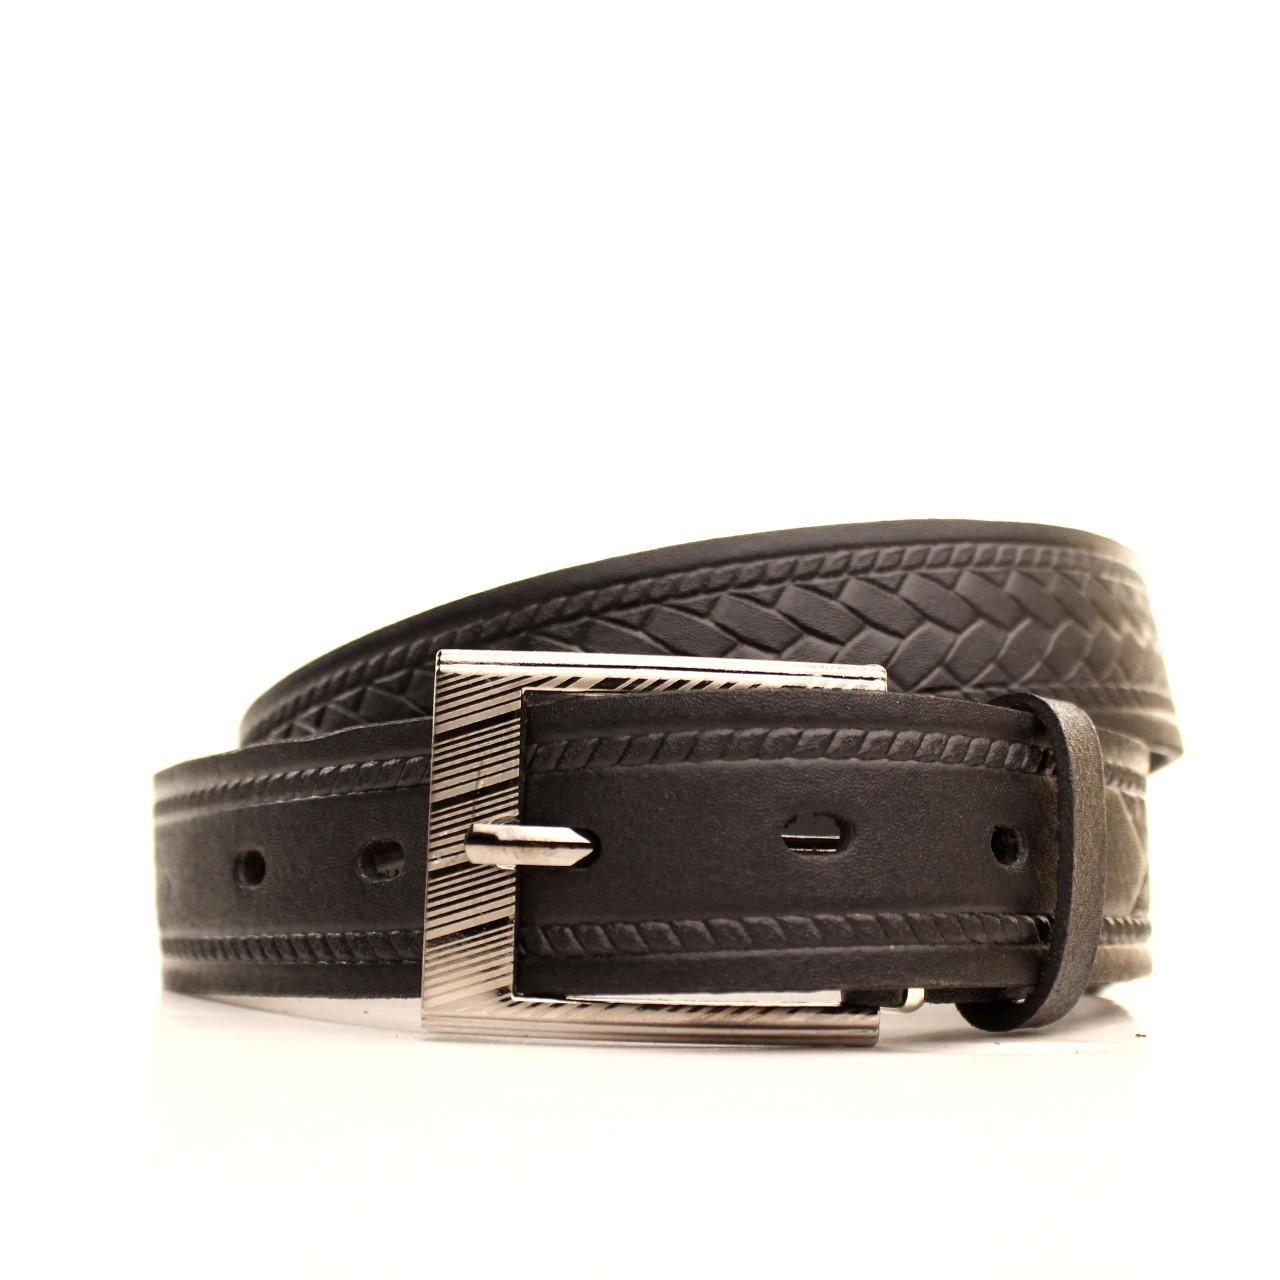 Ремень кожаный Lazar 120-125 см черный l30s1w8